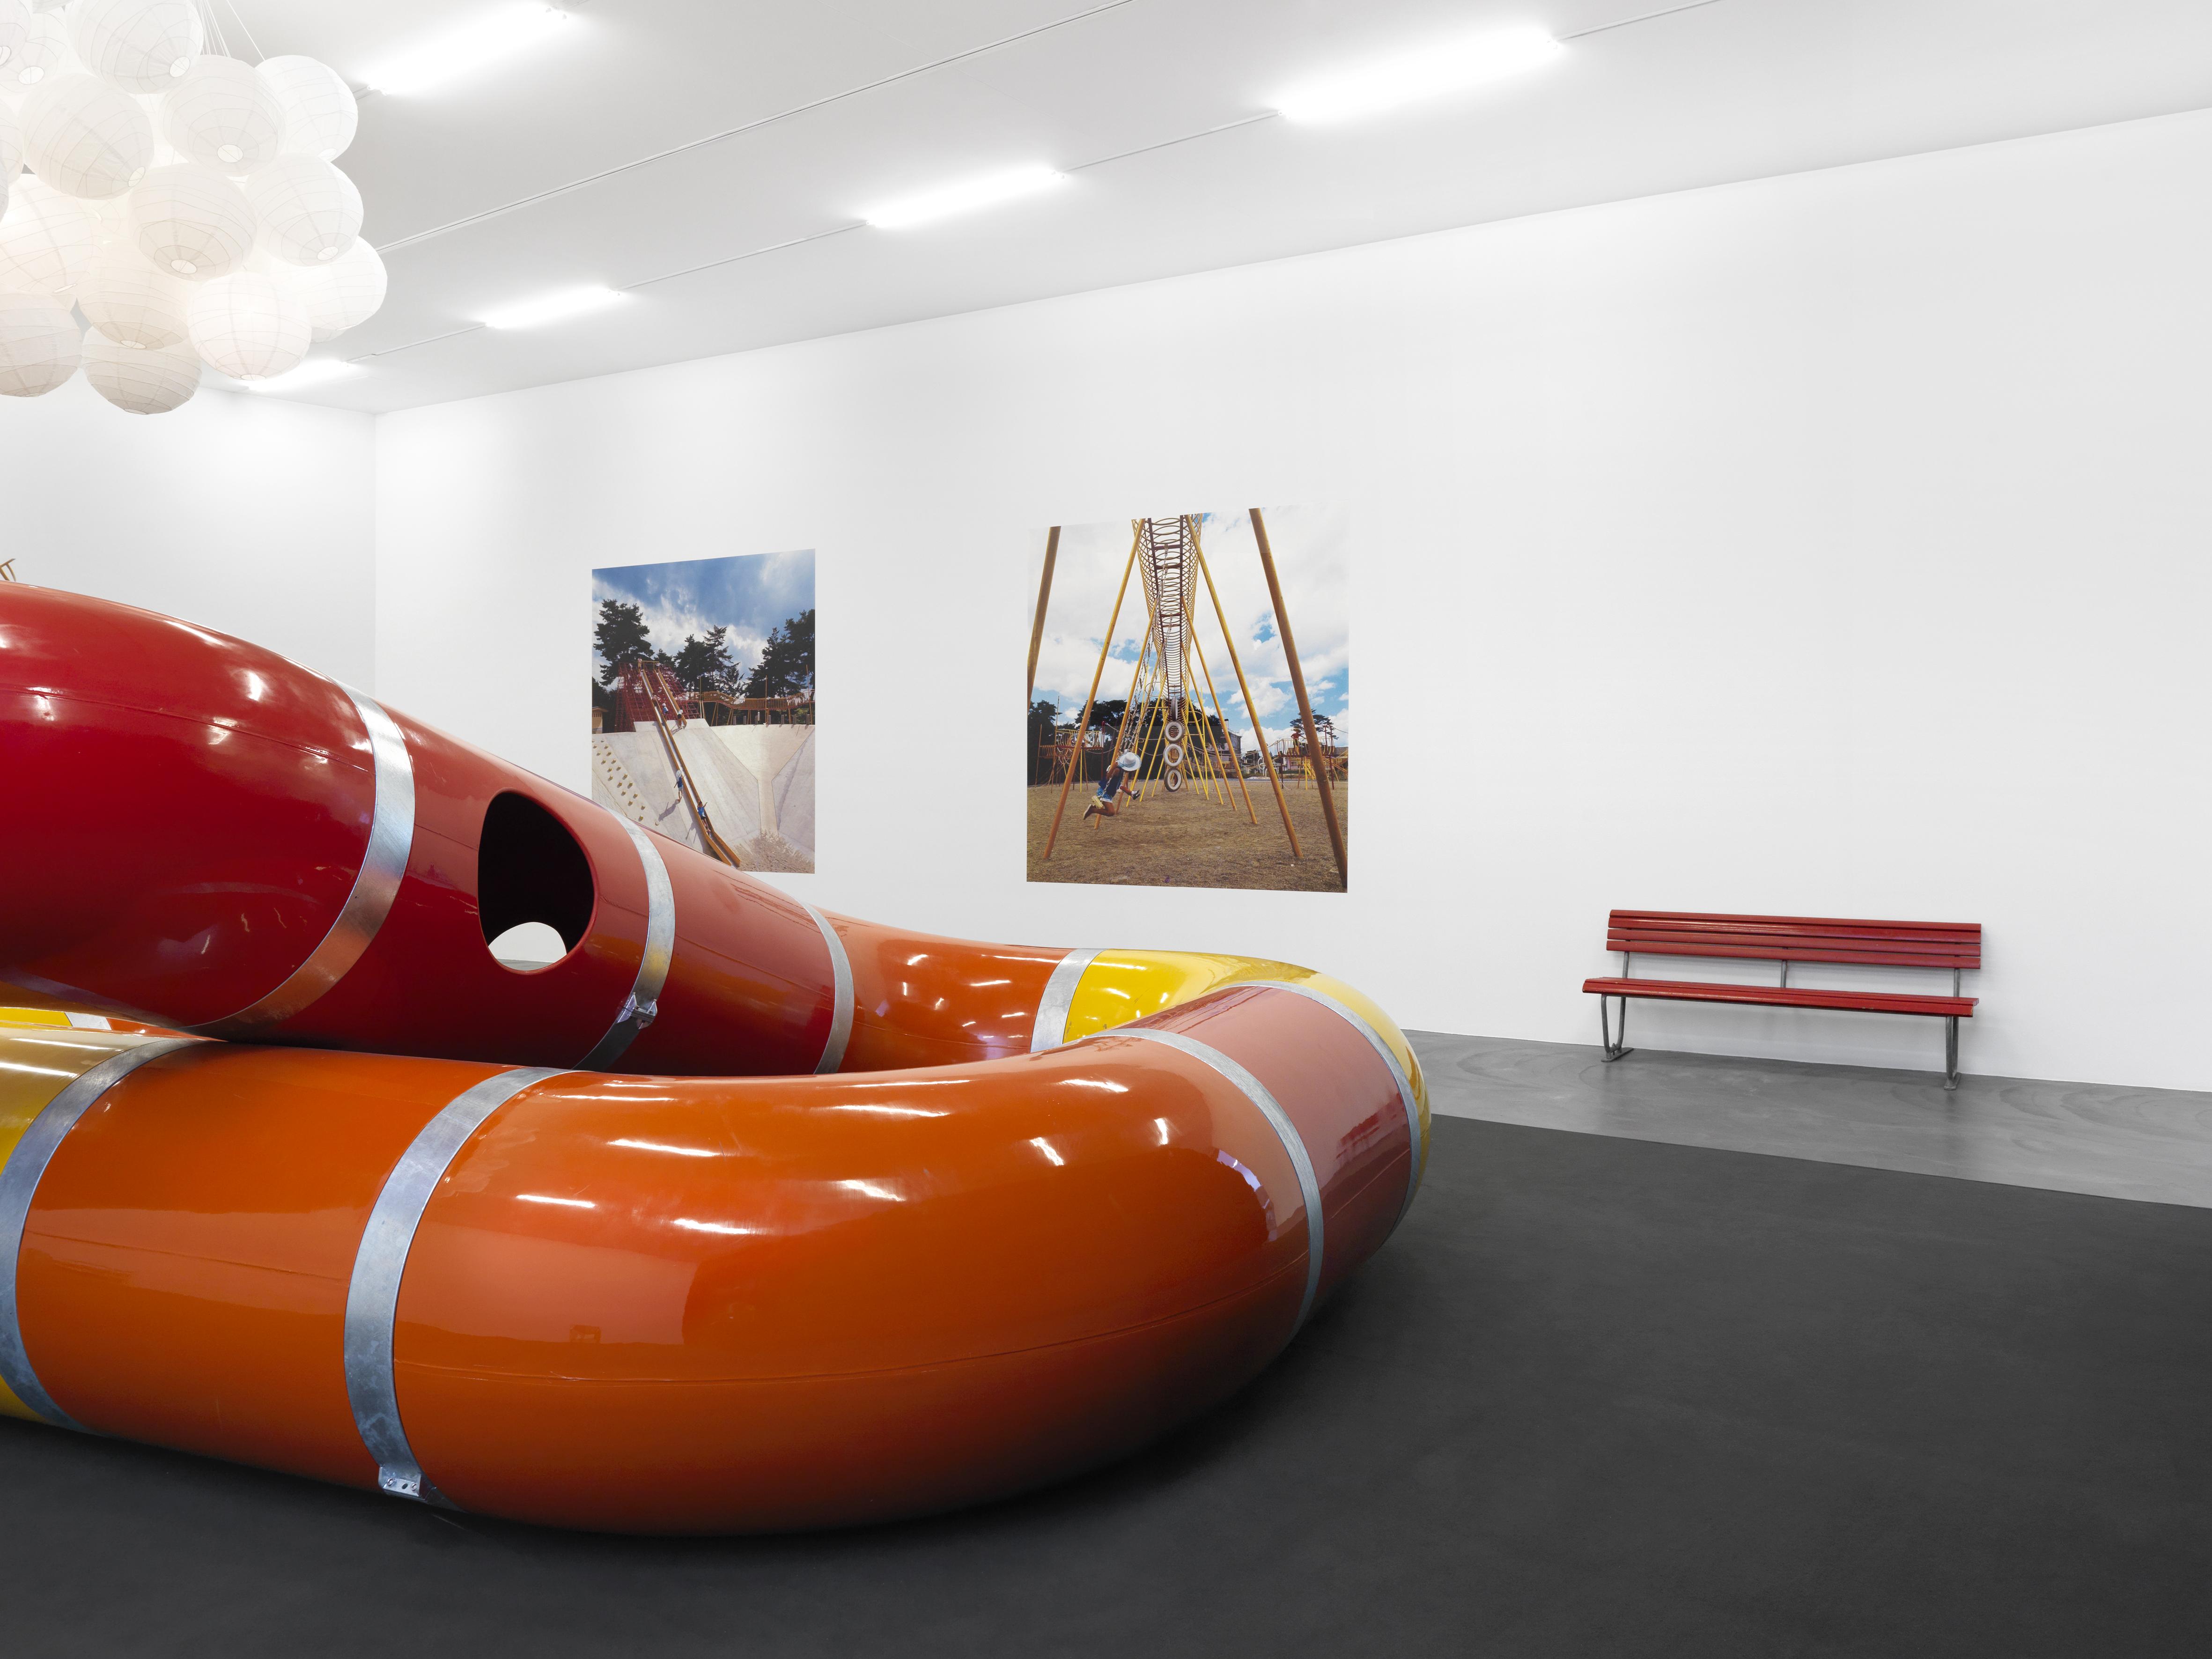 Installationsansicht: The Playground Project Kunsthalle Zürich 2016 Foto: Annik Wetter